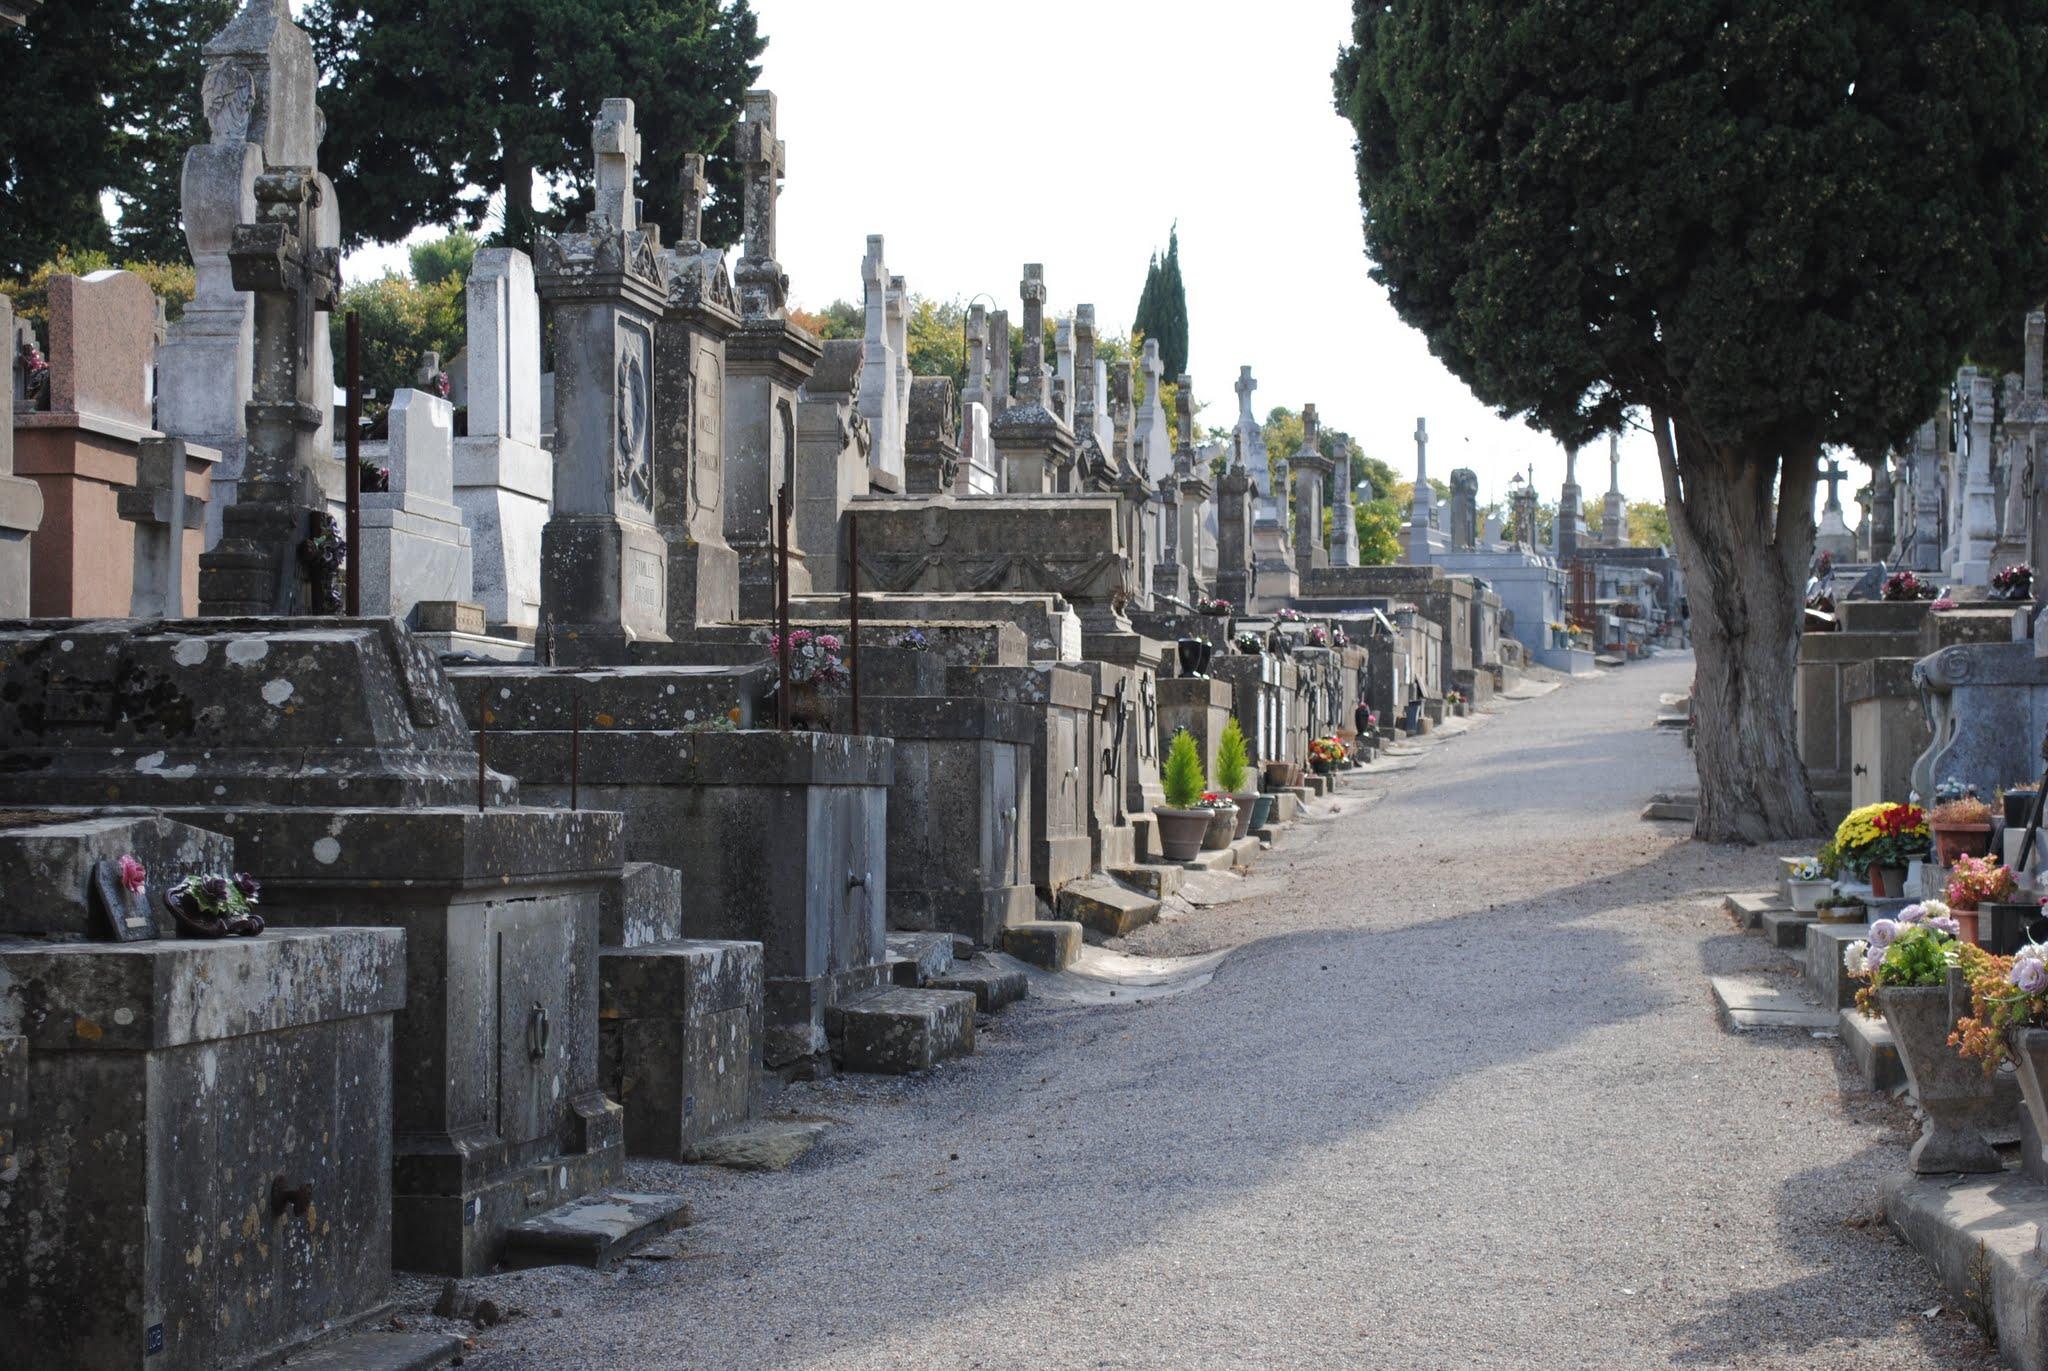 My Photos: France -- Carcassonne -- The Cemetery